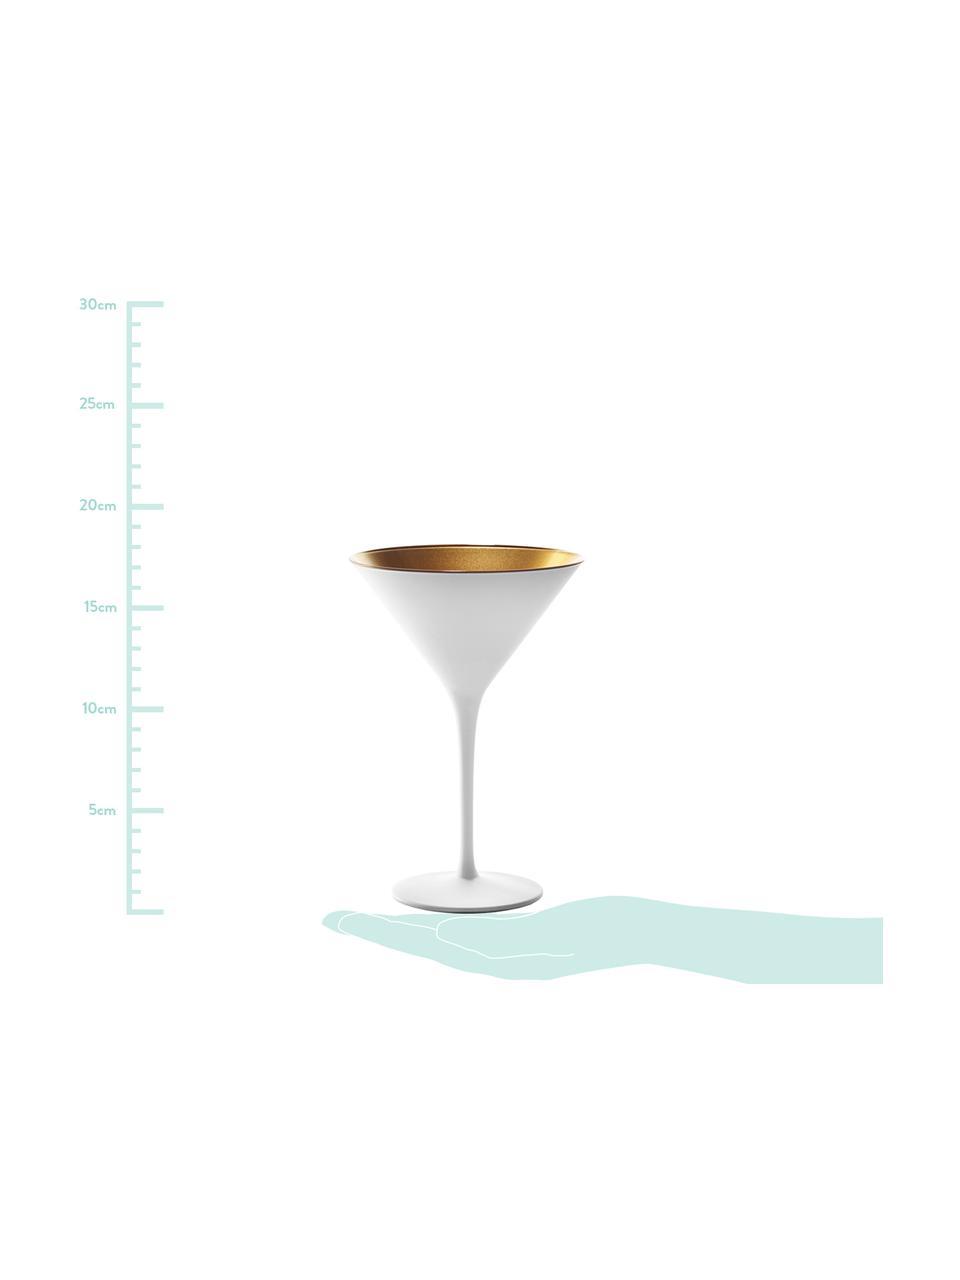 Křišťálová sklenice na koktejly Elements, 6 ks, Bílá, mosazná